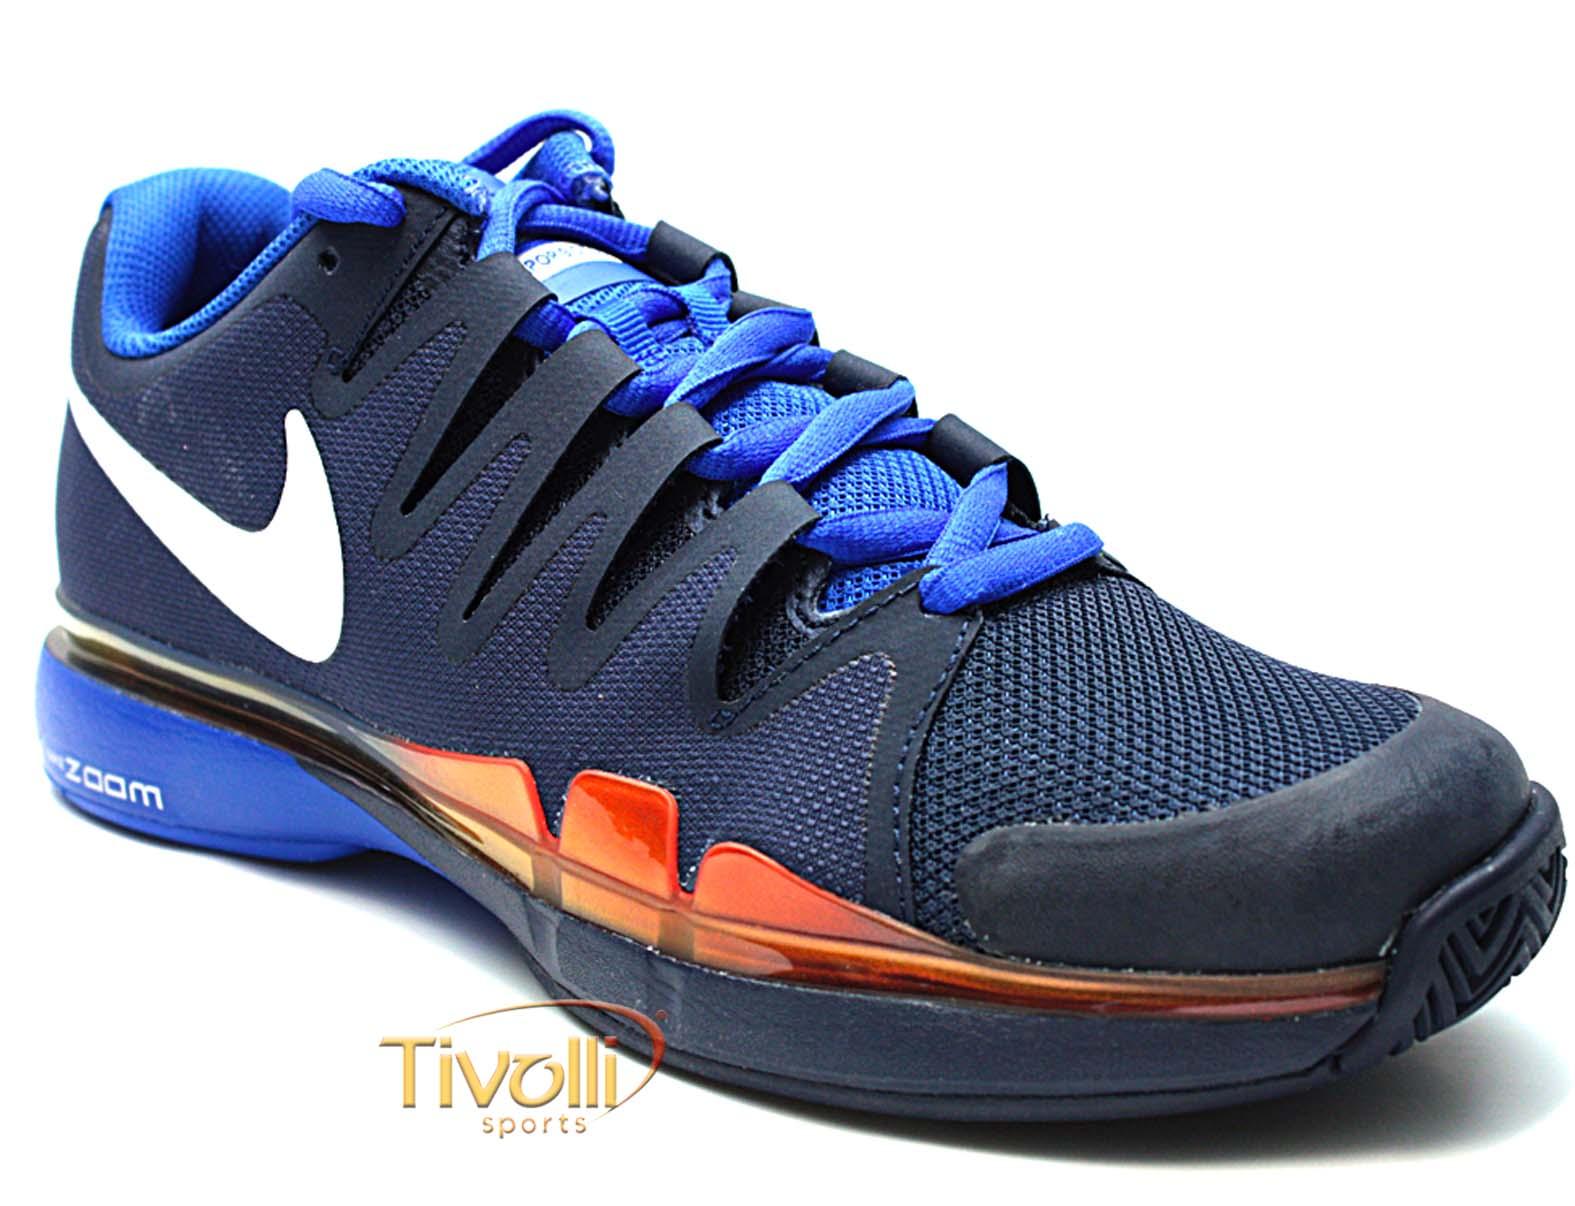 8c733338bbe75 Tênis Nike Zoom Vapor 9.5 Tour   azul marinho